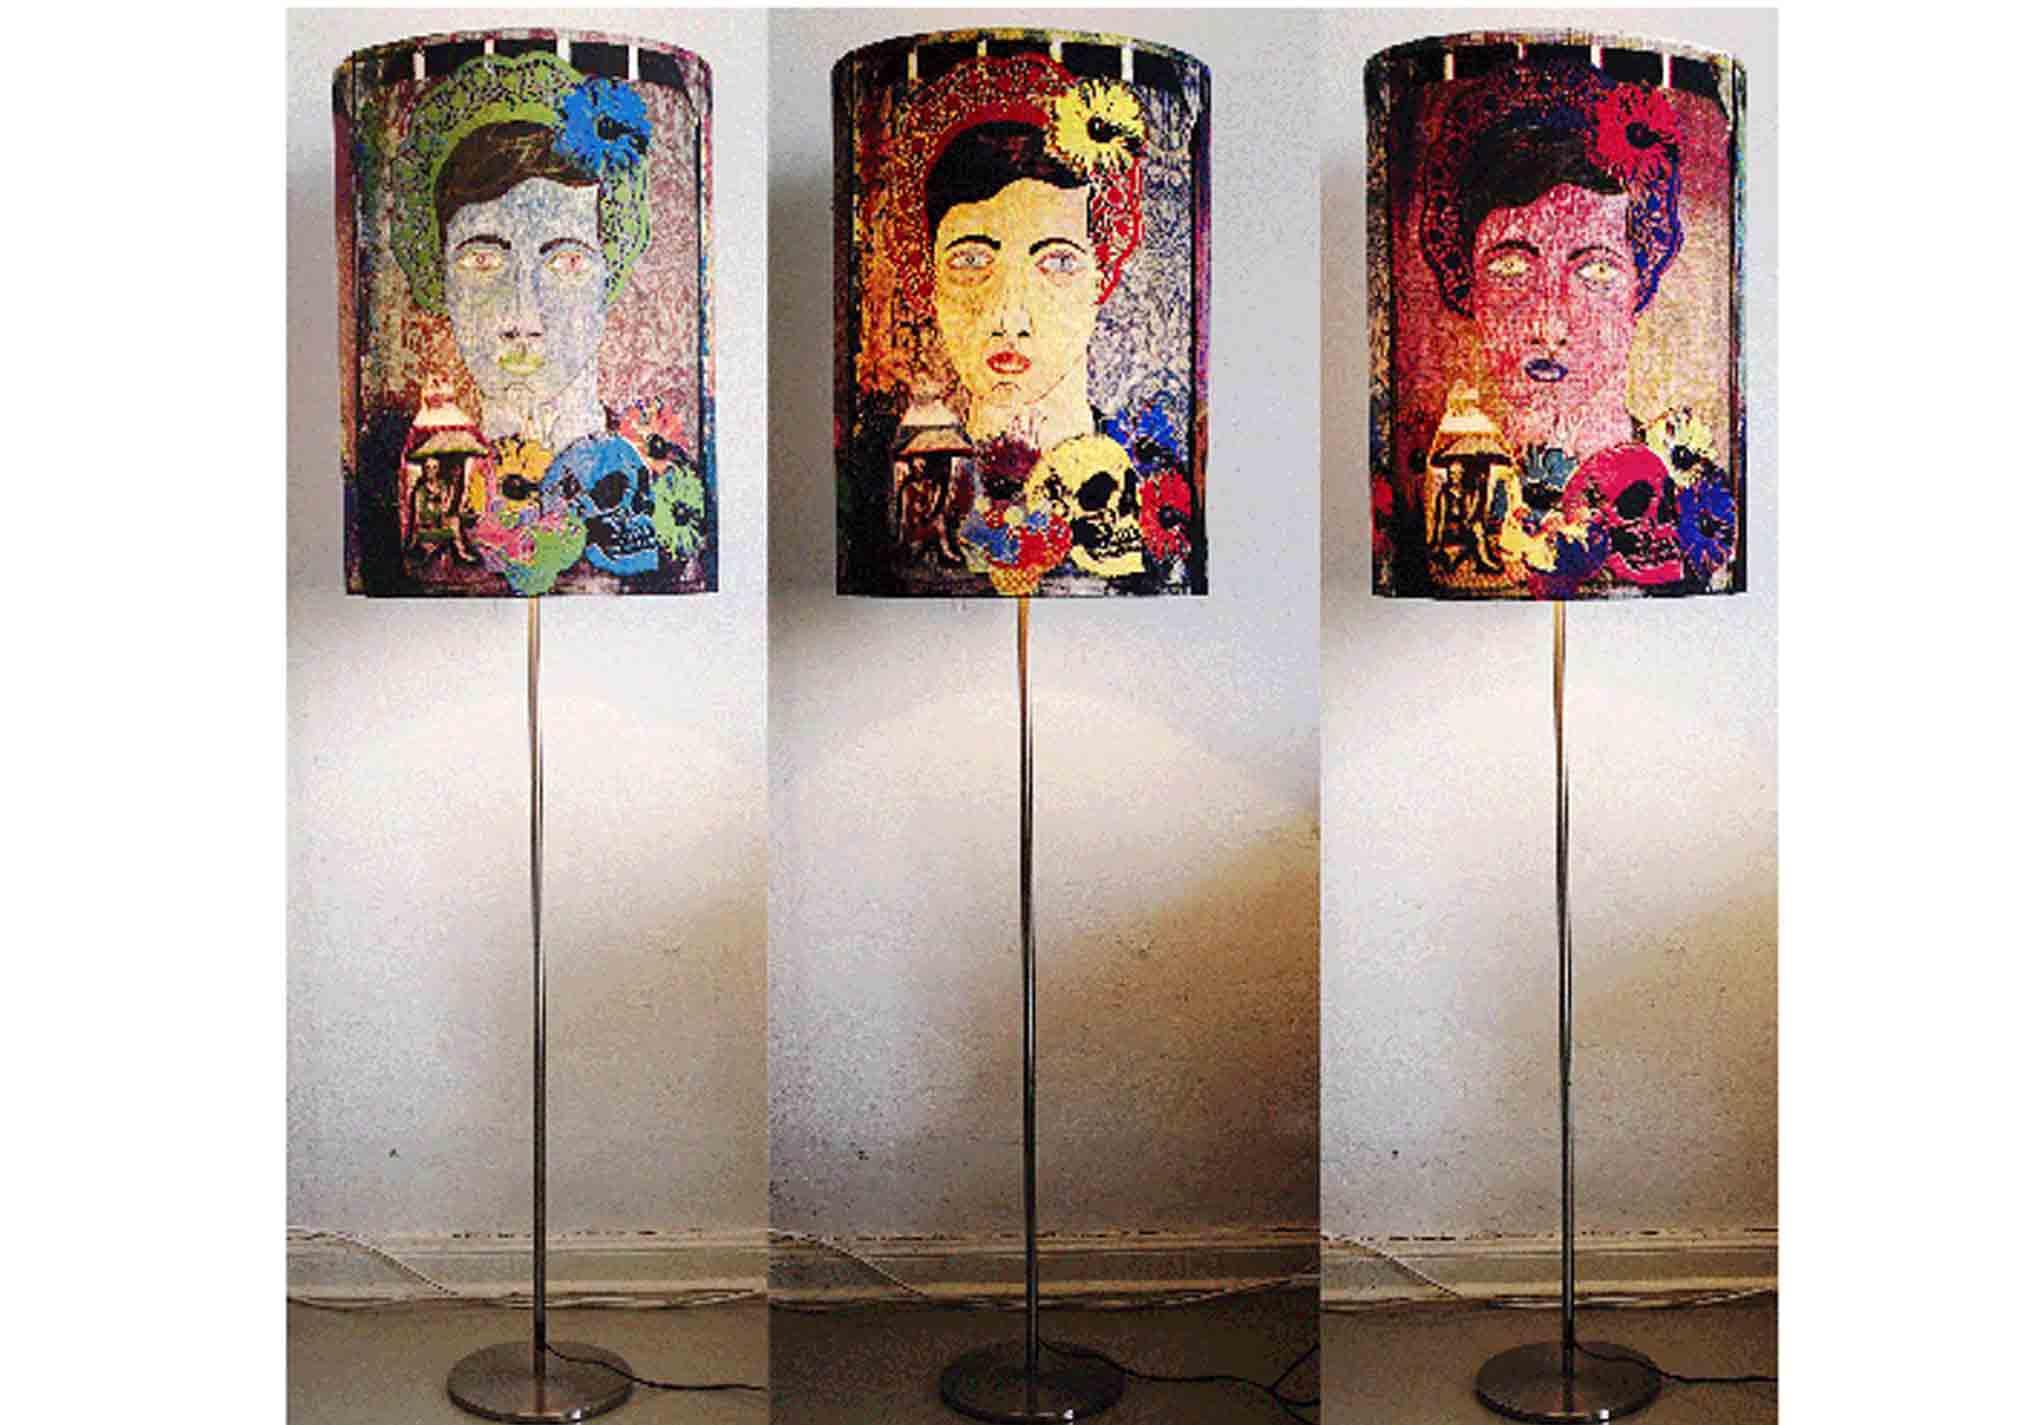 Ann-Kristin-Fleischhauer-Lampe-Schrein-Mt-Galerie